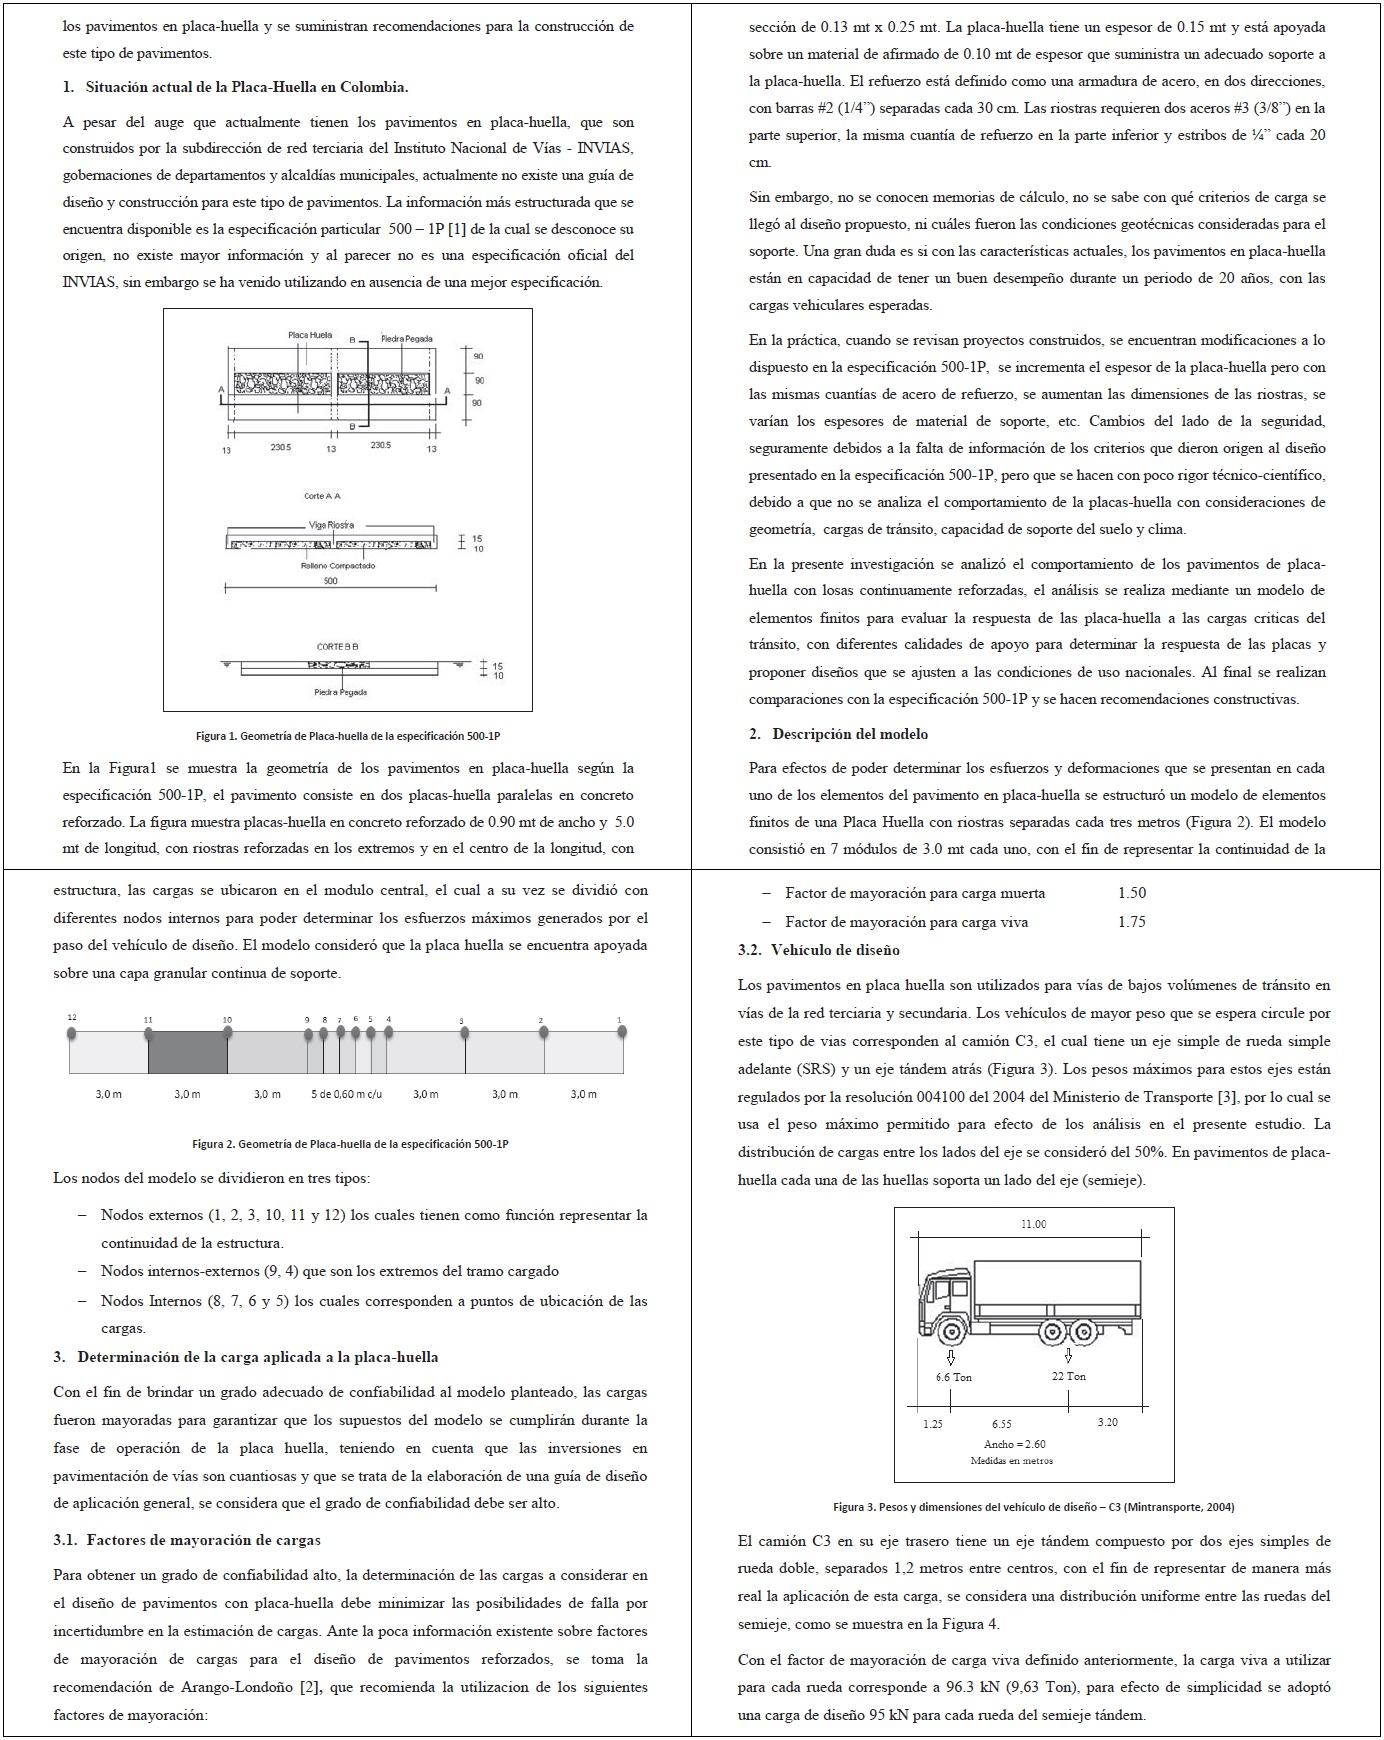 RES 4401 MTIMP61